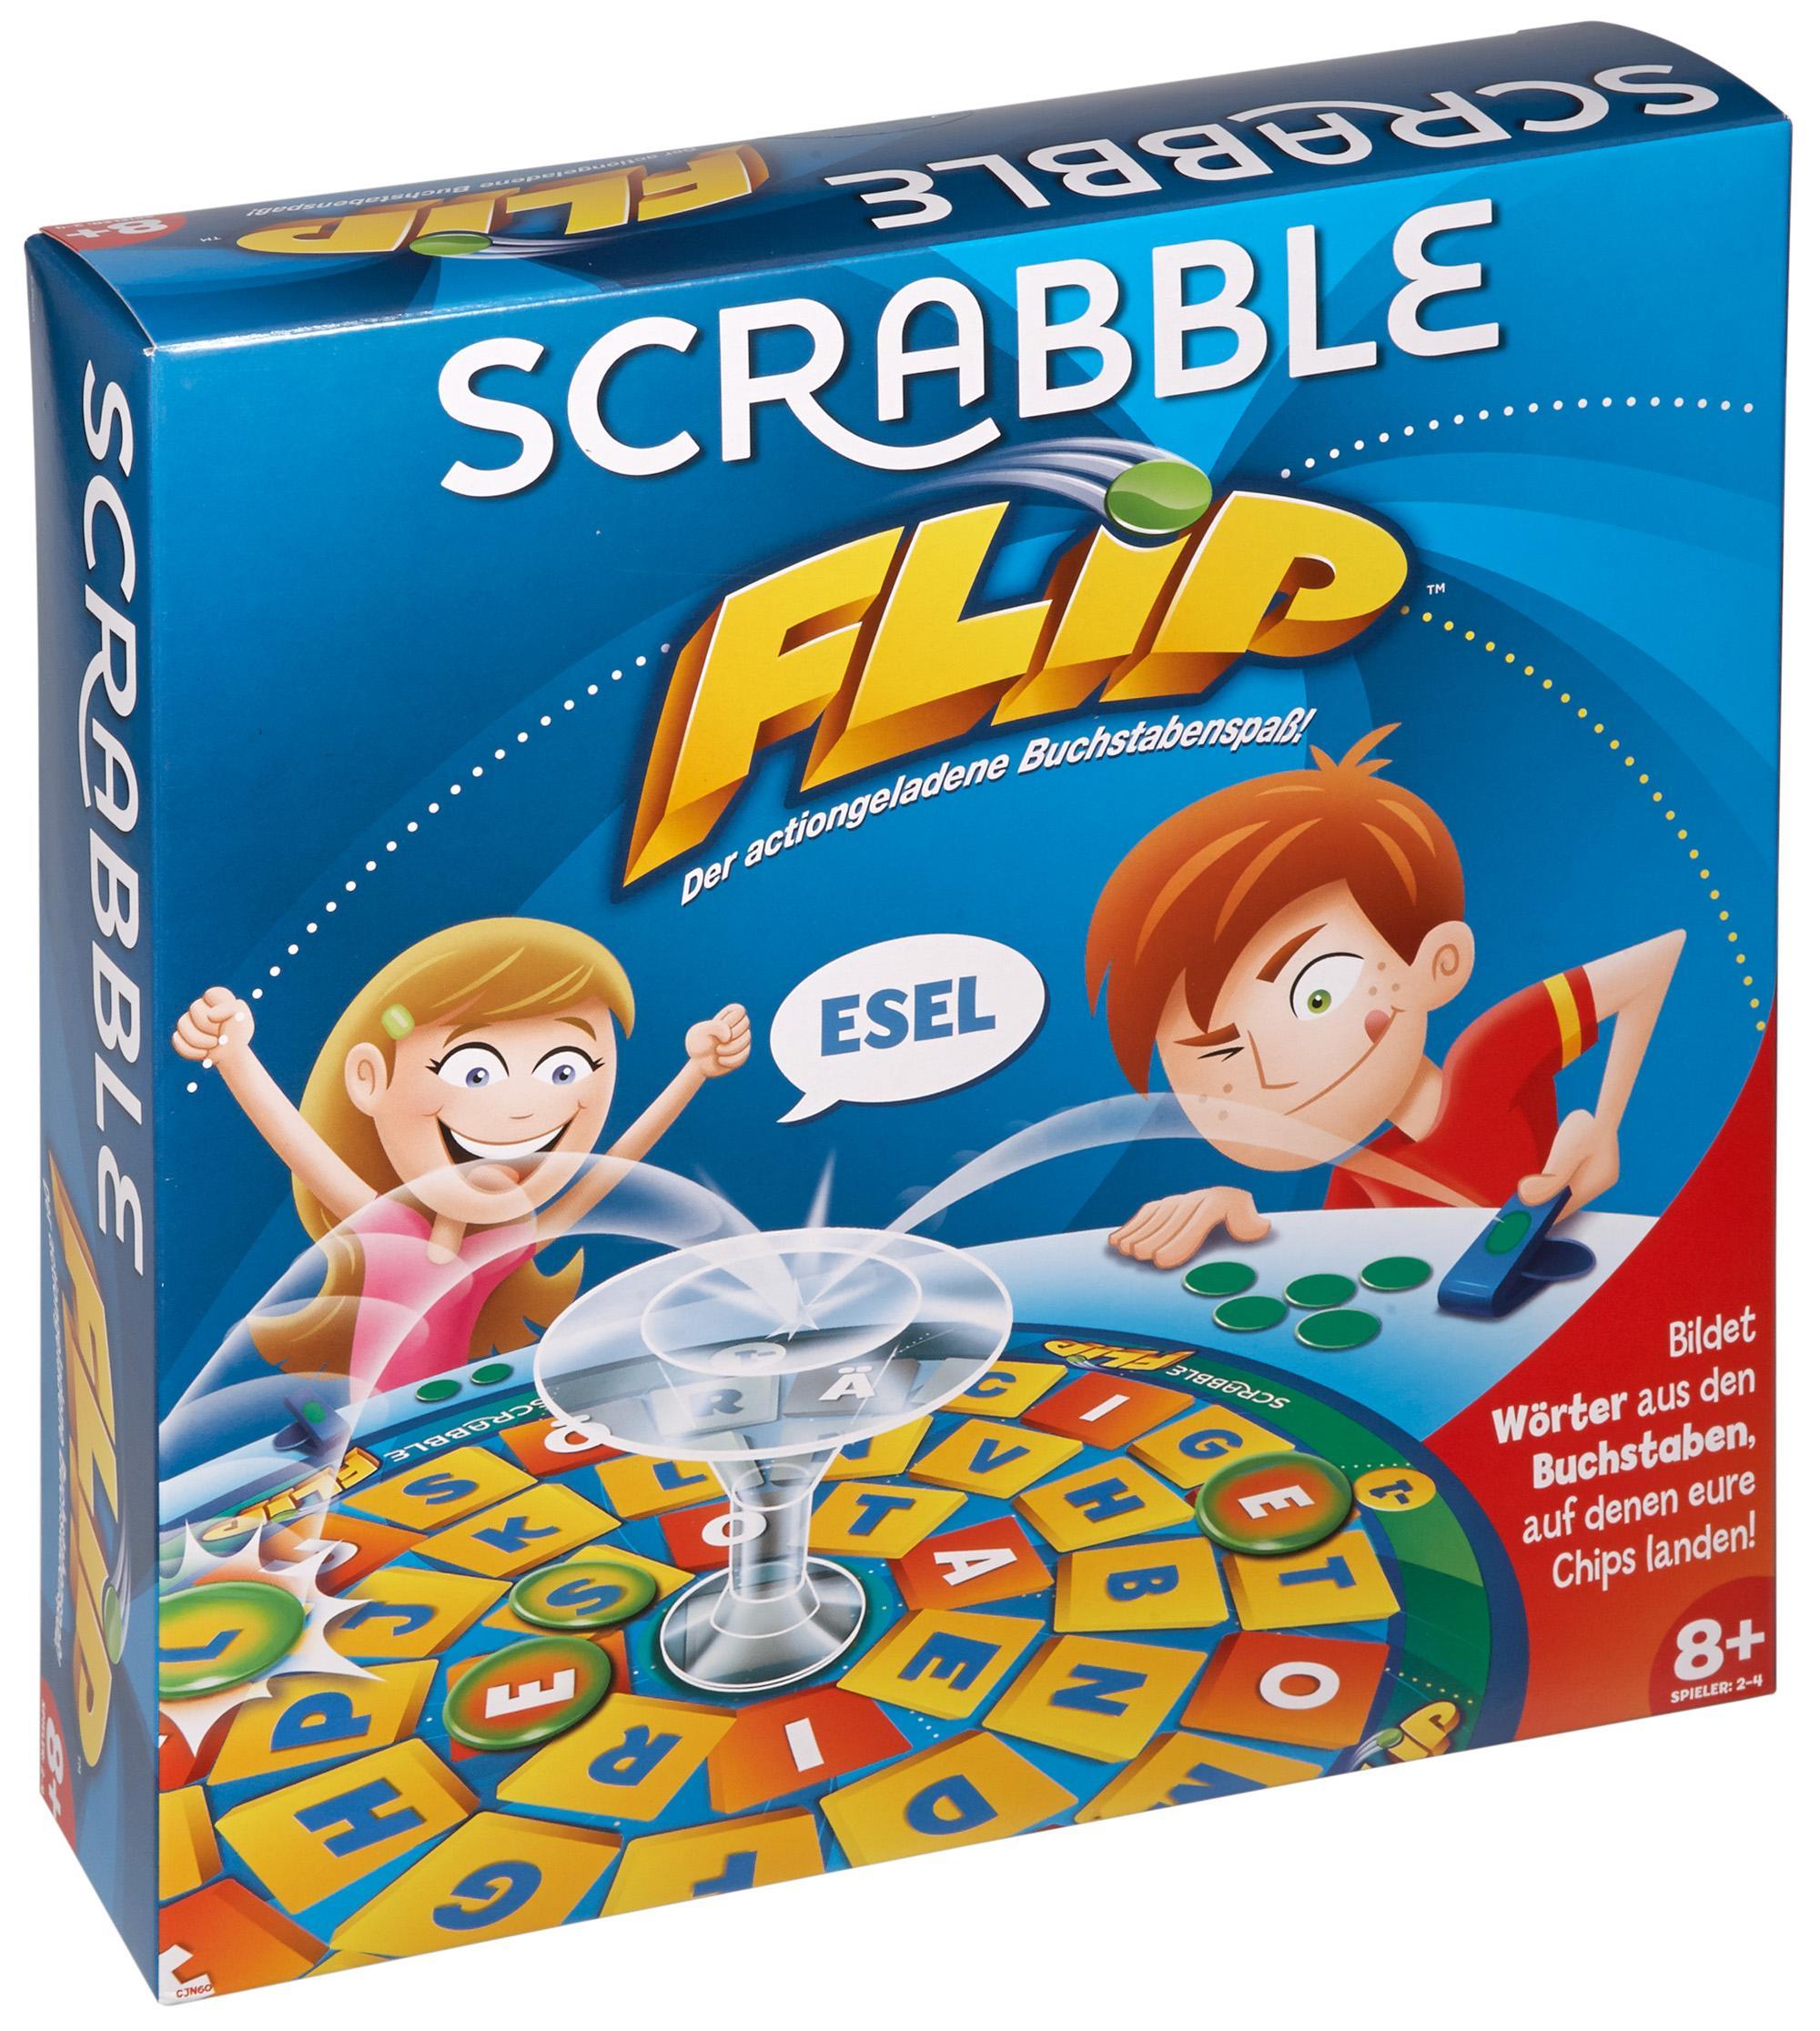 Scrabble Flip, Spiel, Anleitung und Bewertung auf Alle Brettspiele ...